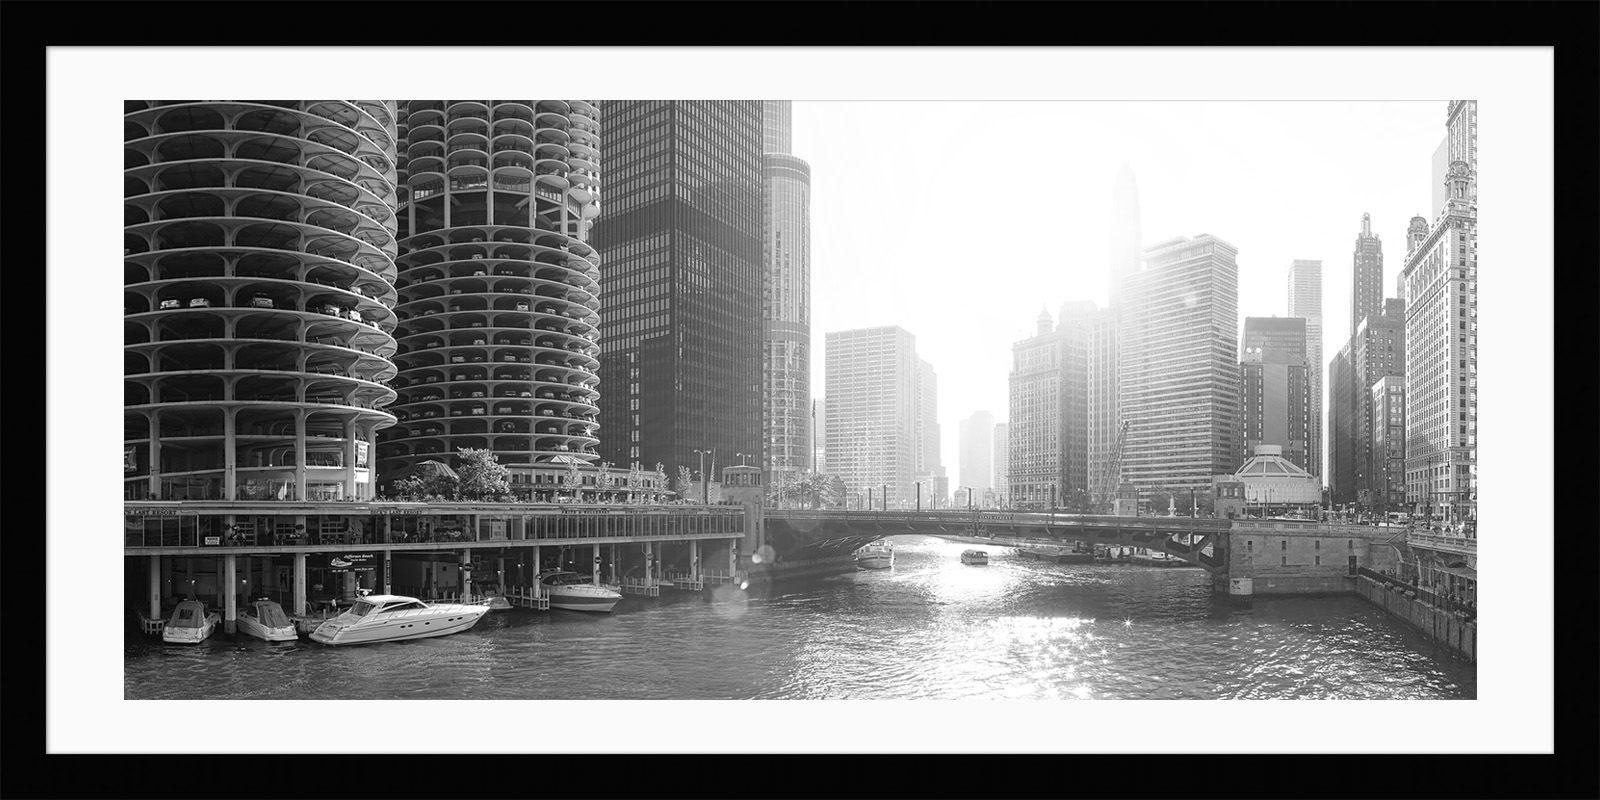 Chicago Sunlight - Framed Black & White Fine Art Photograph